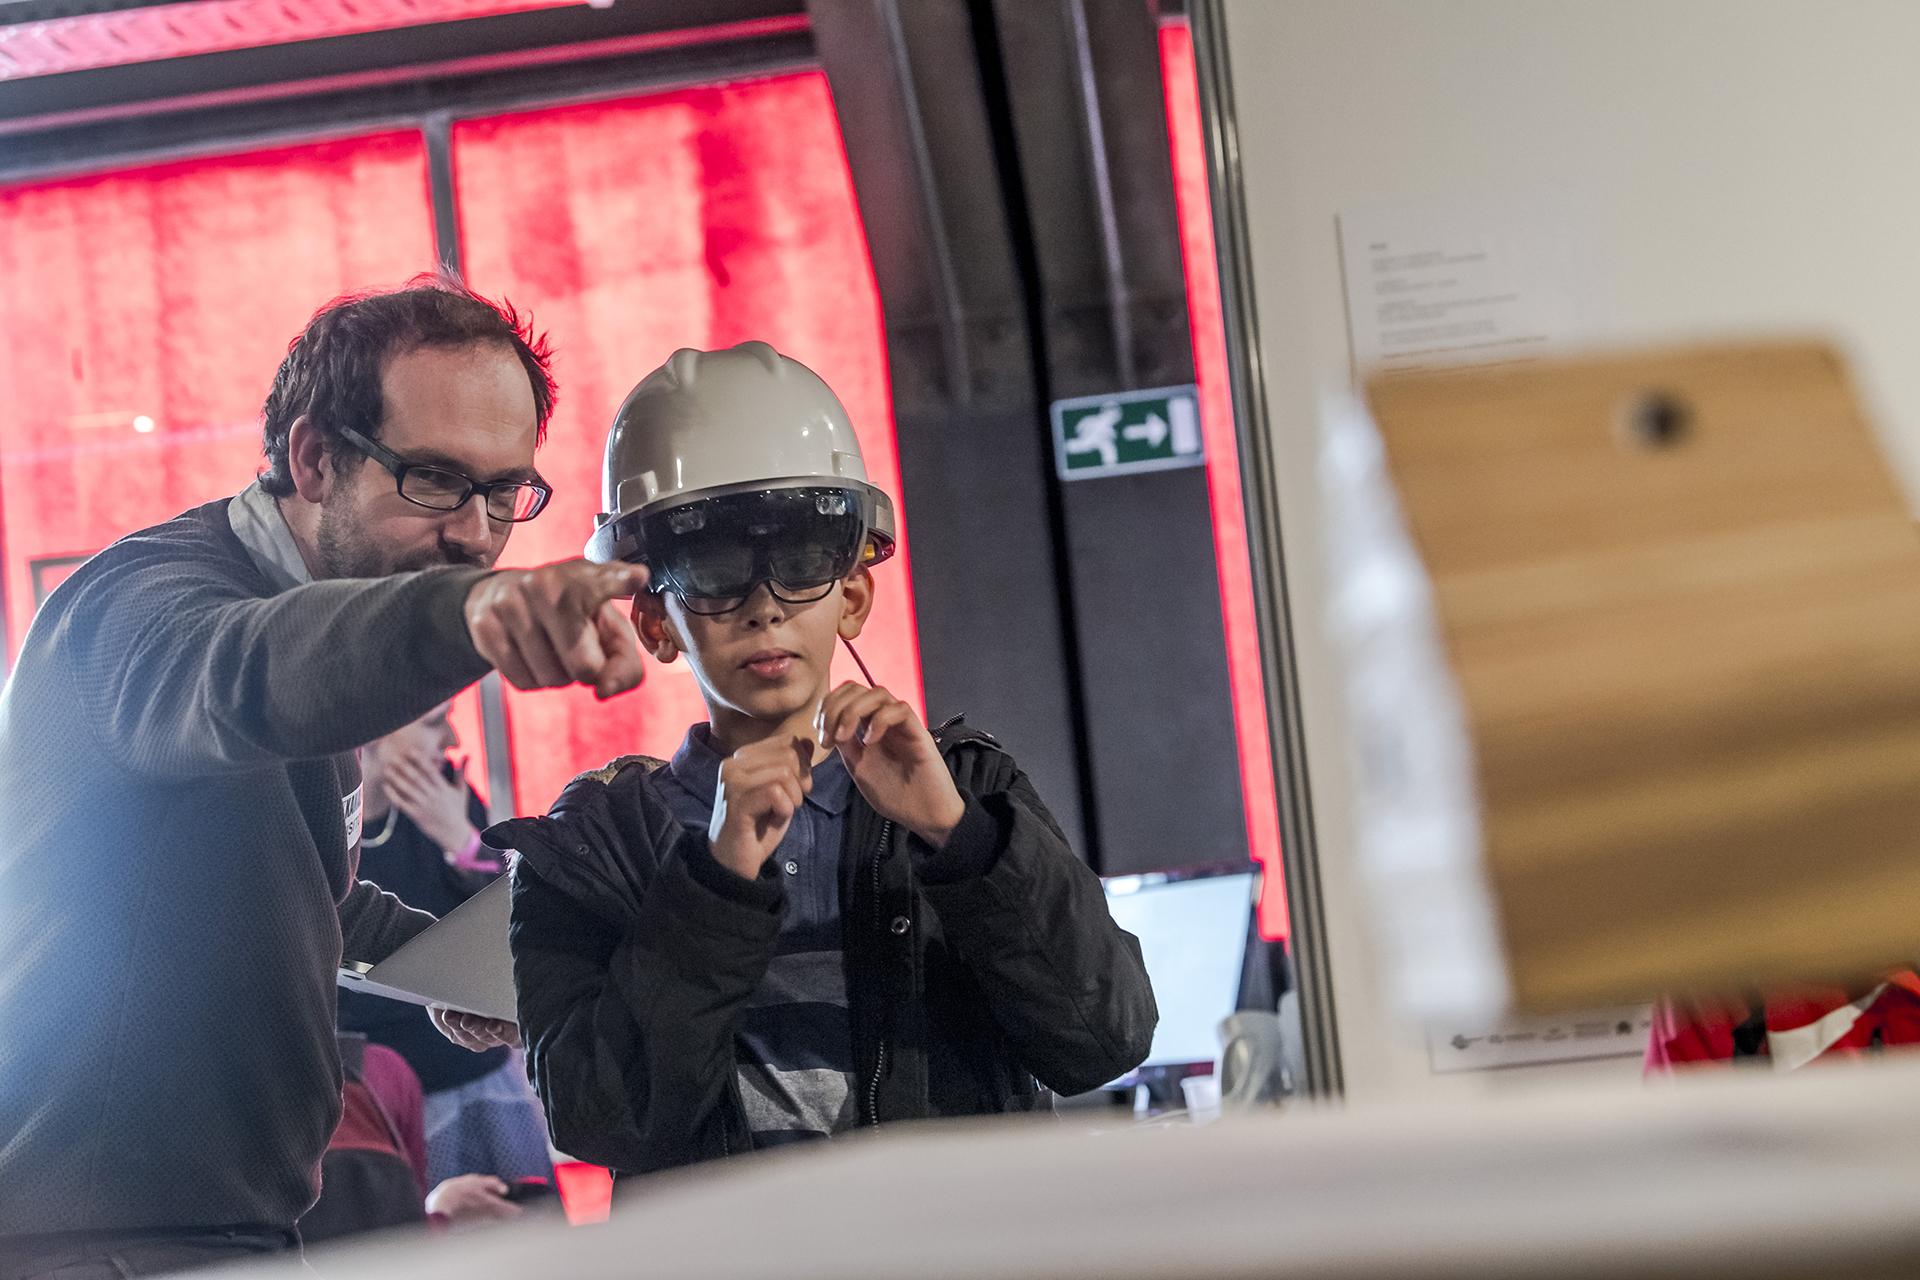 2019高雄VR駐村創作者工作坊「開啟你的VR遊戲創作之路」報名簡章